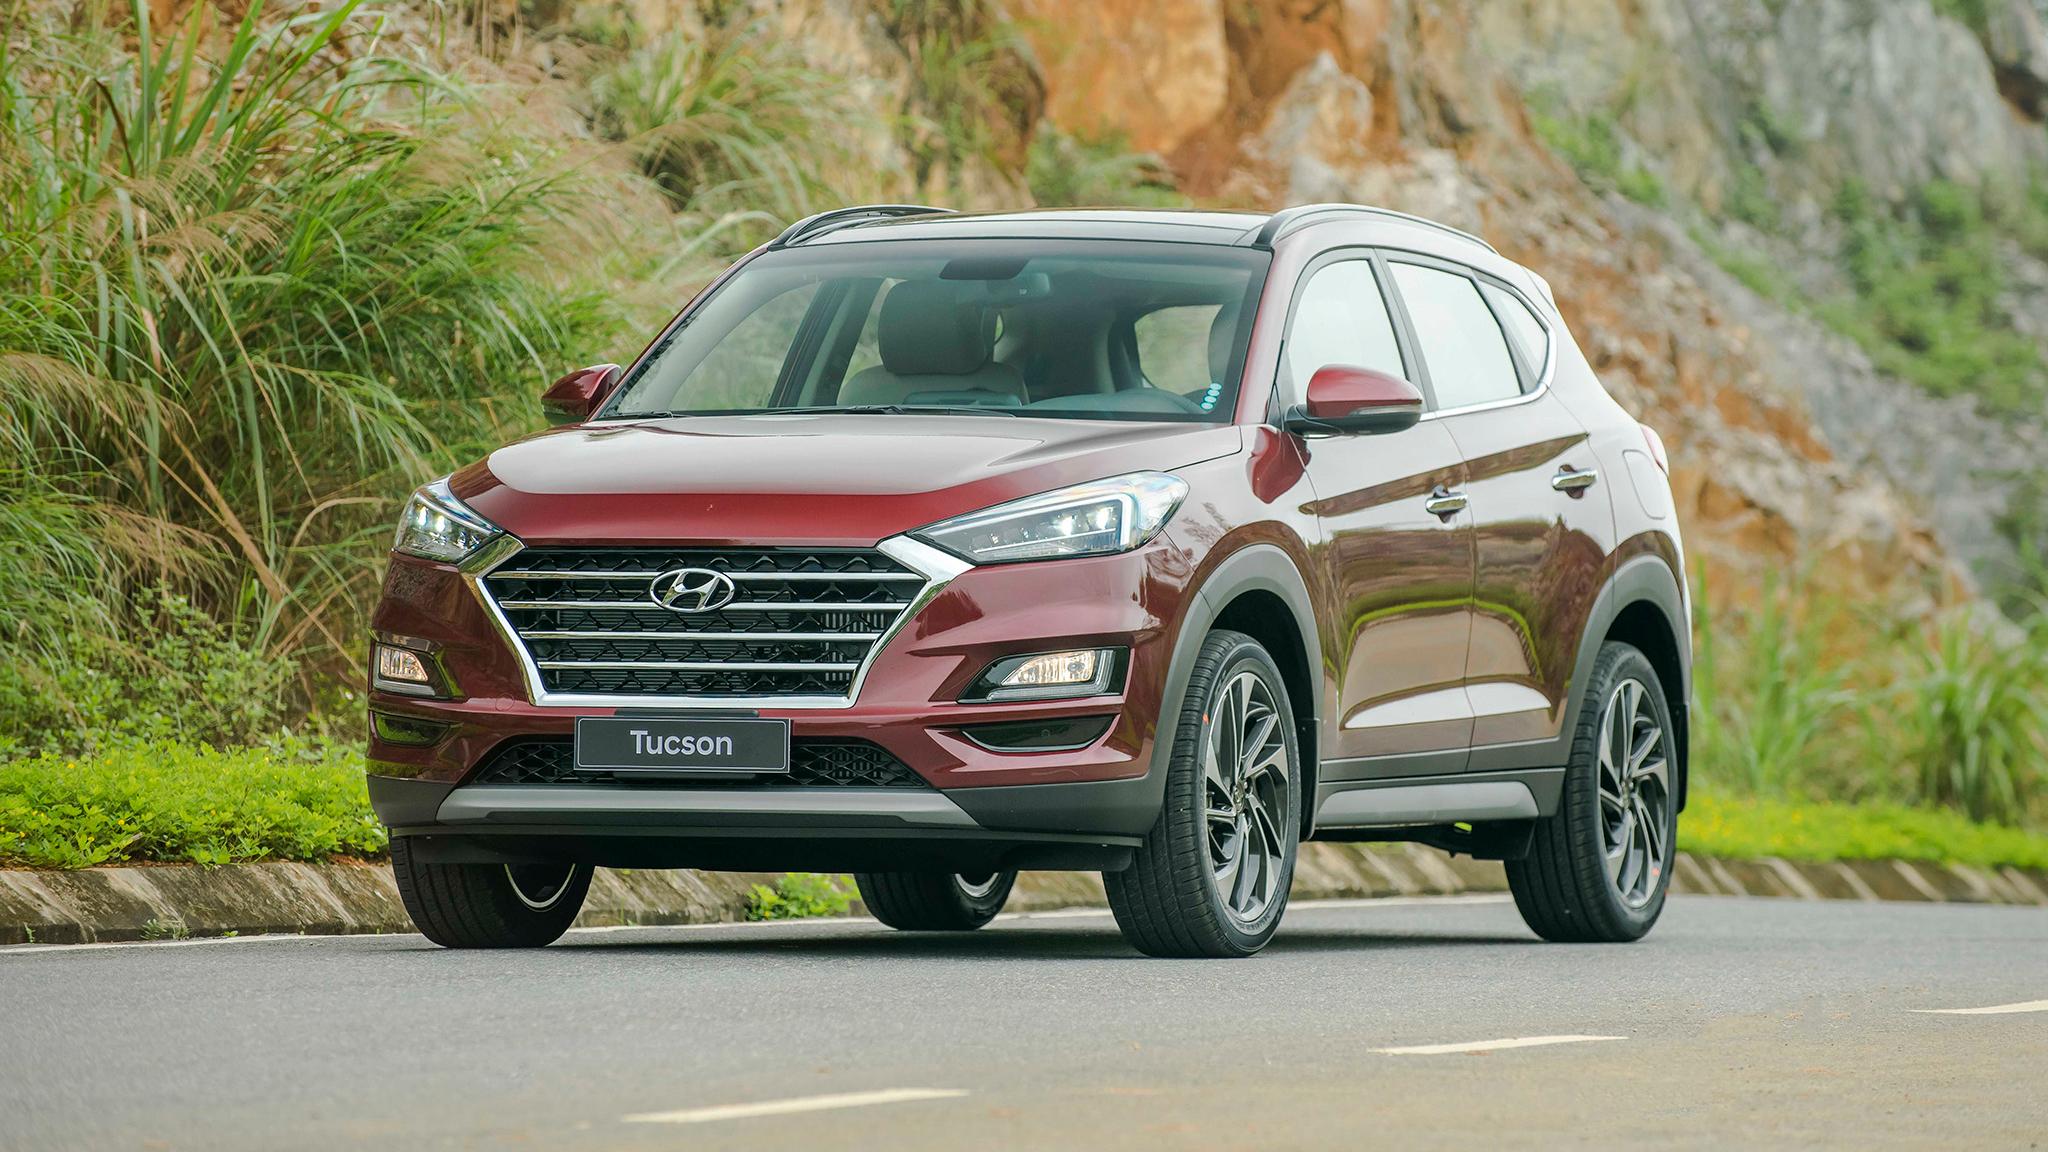 Hyundai Tucson bứt tốc trong cuộc đua 'tam mã' với CR-V và CX-5